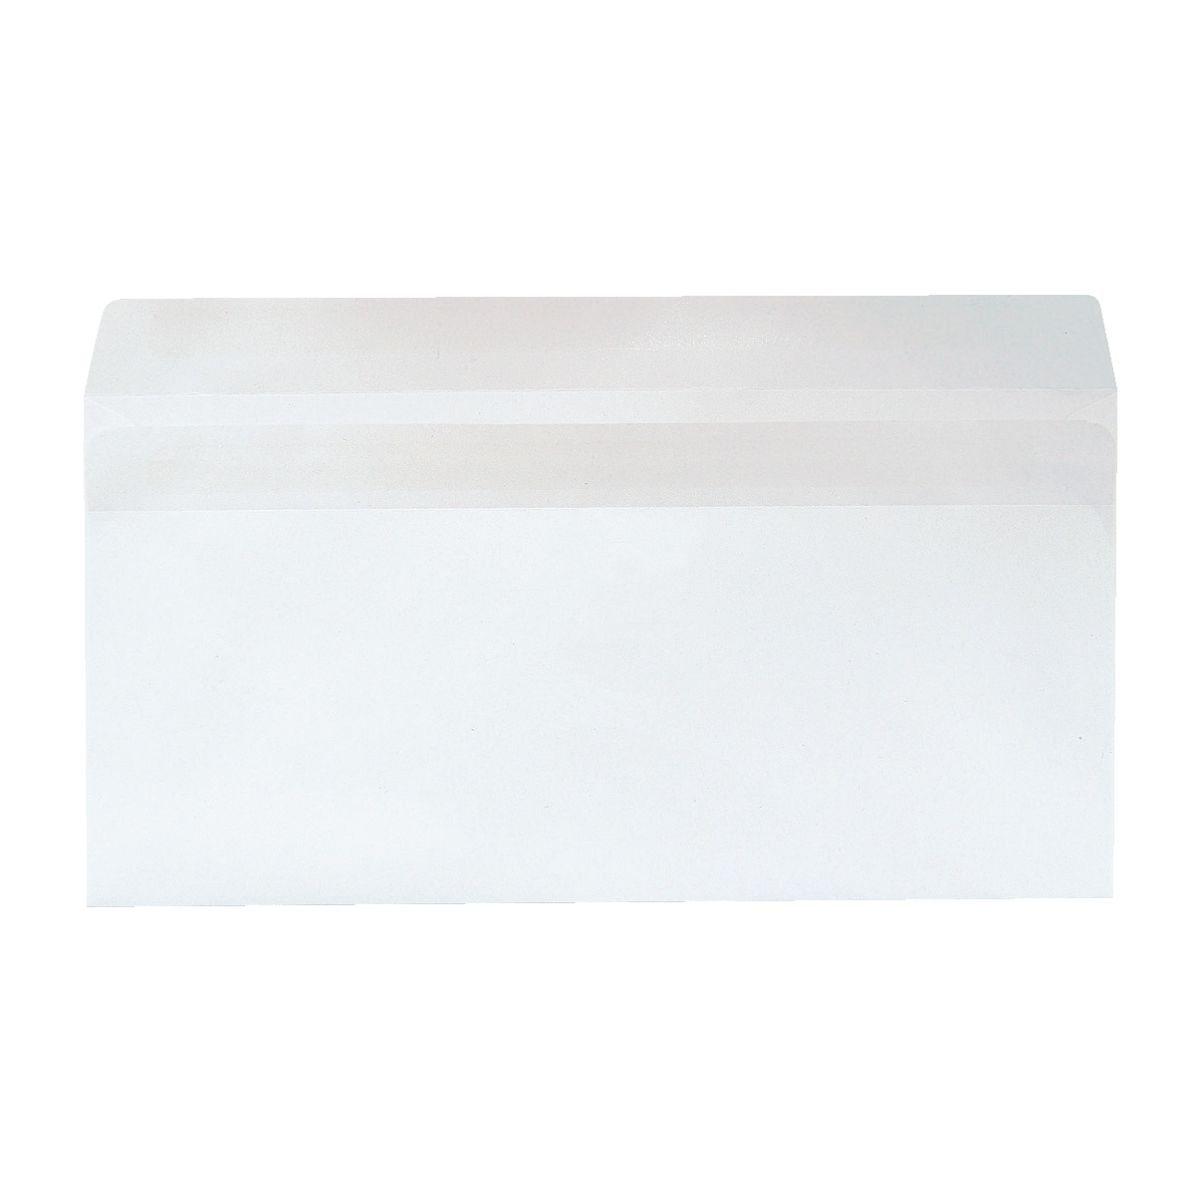 Recycling-Briefumschläge DL ohne Fenster mit Selbstklebung